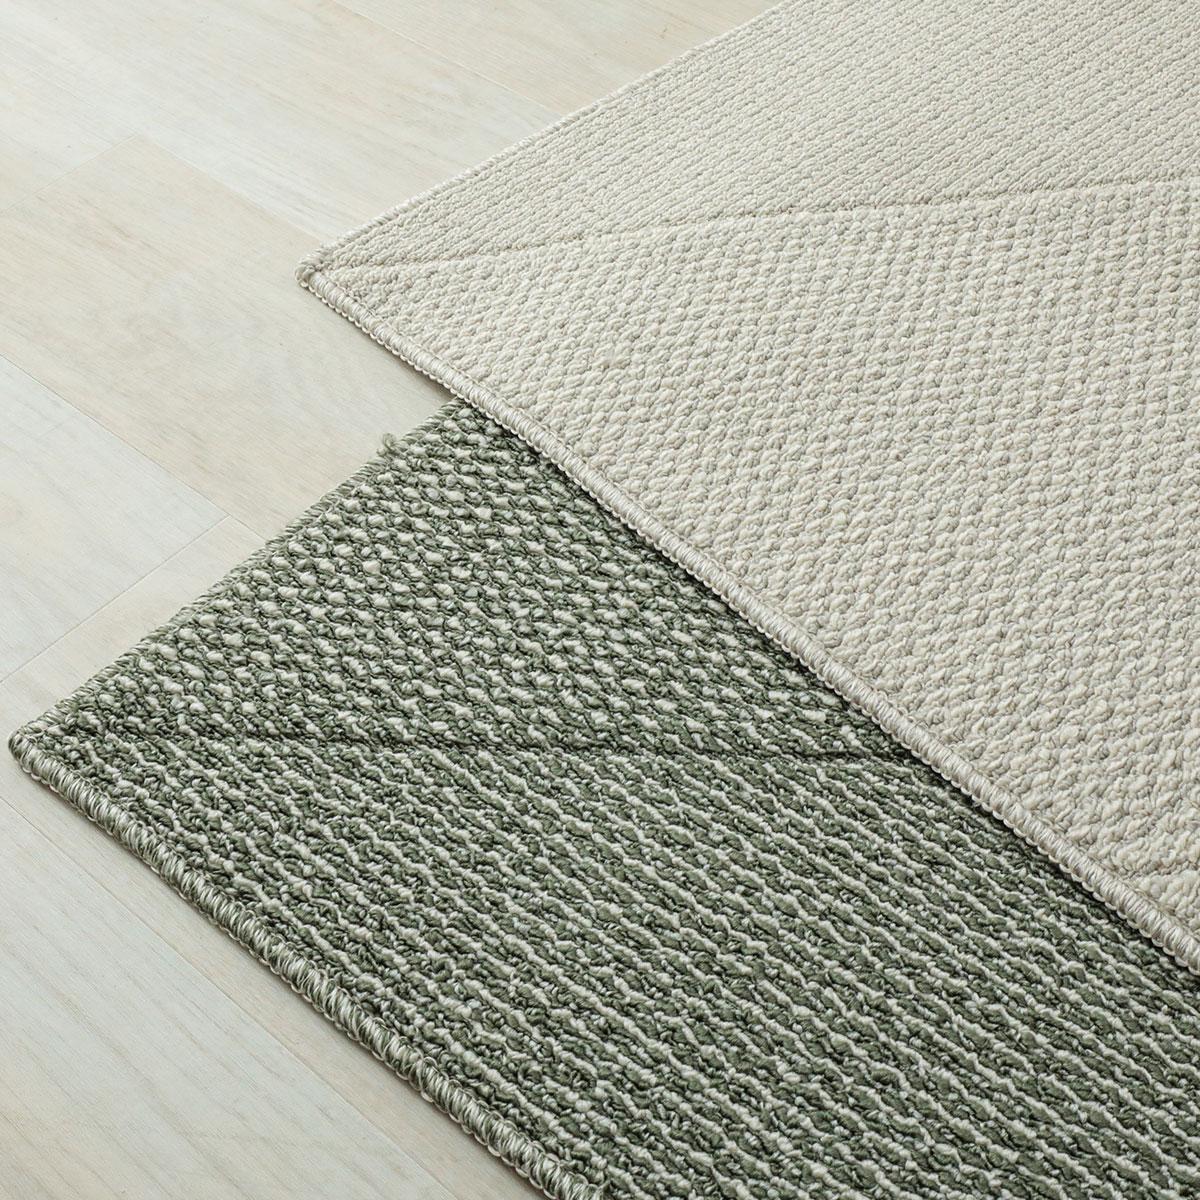 びっくりするほど汚れが落ちる高機能日本製デザインラグ「トーロ」